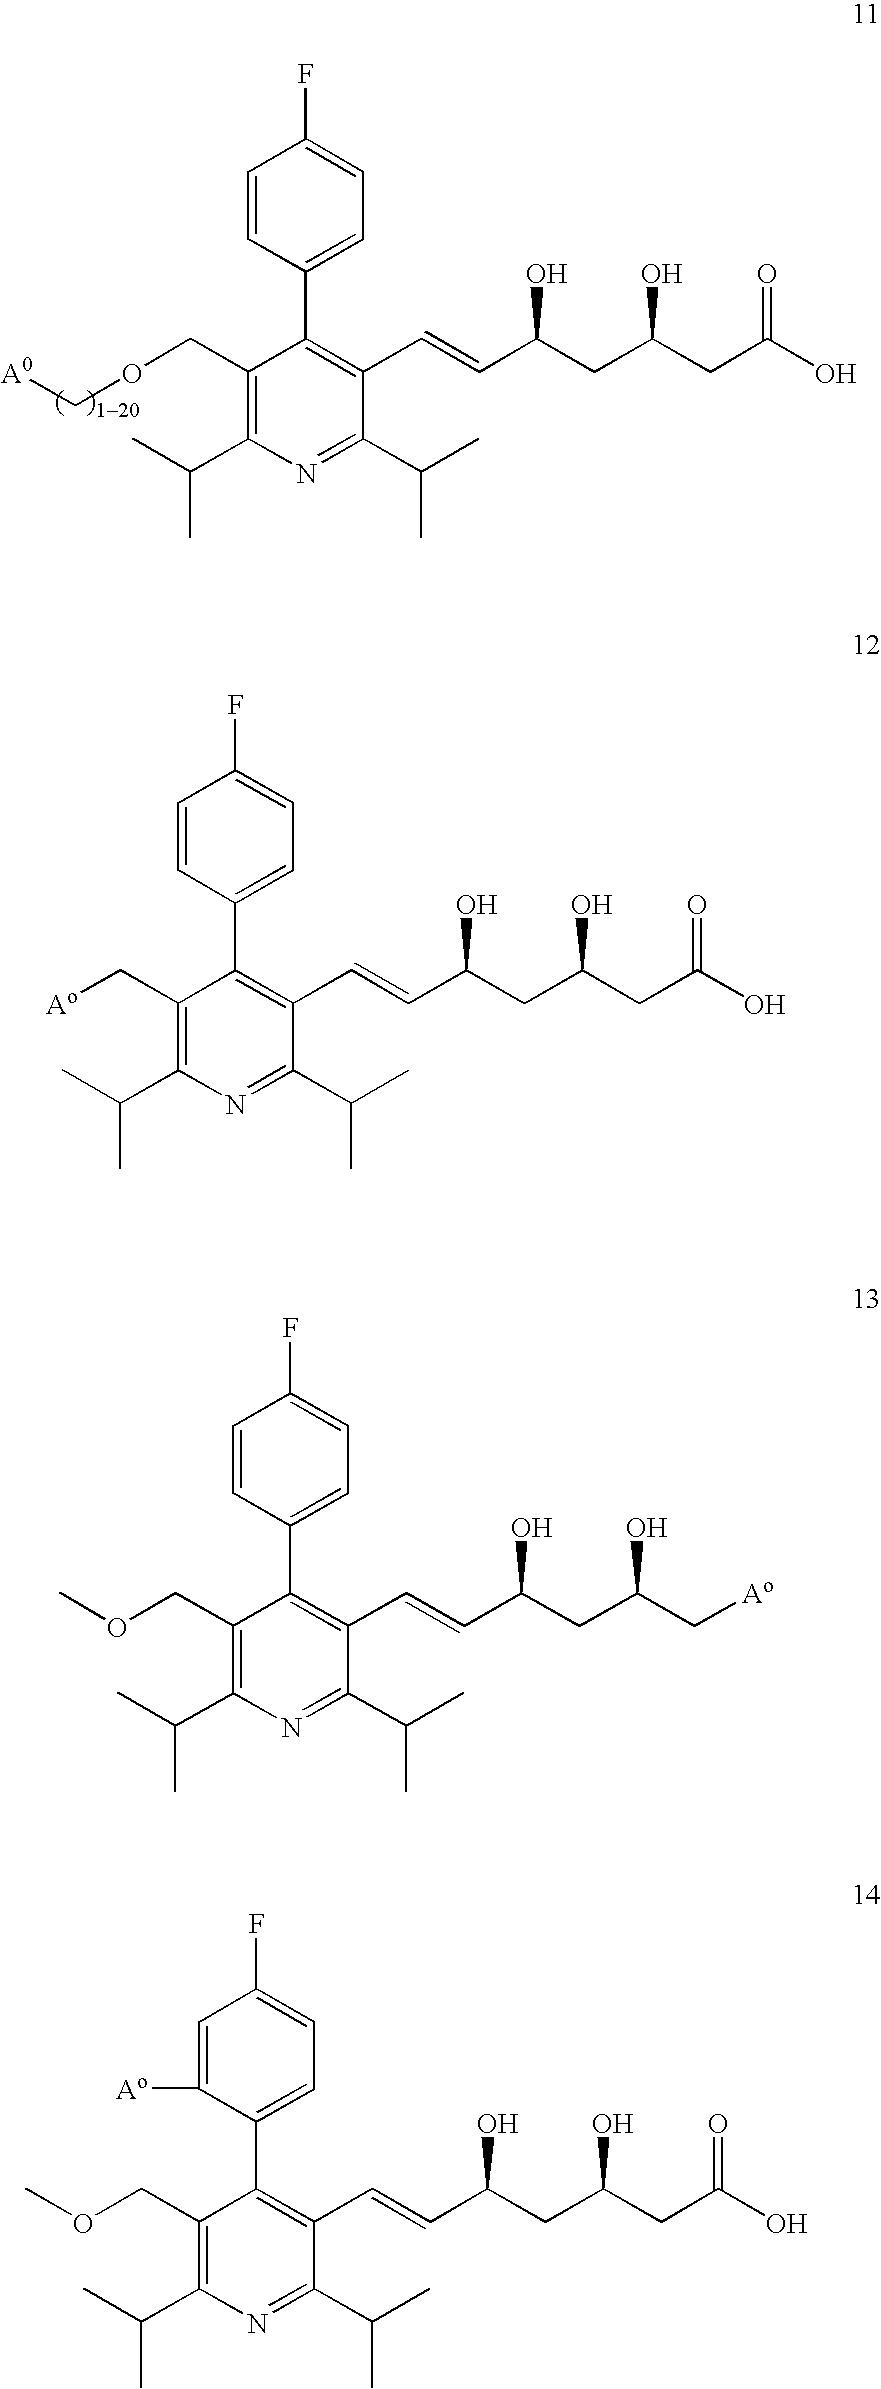 Figure US07407965-20080805-C00012